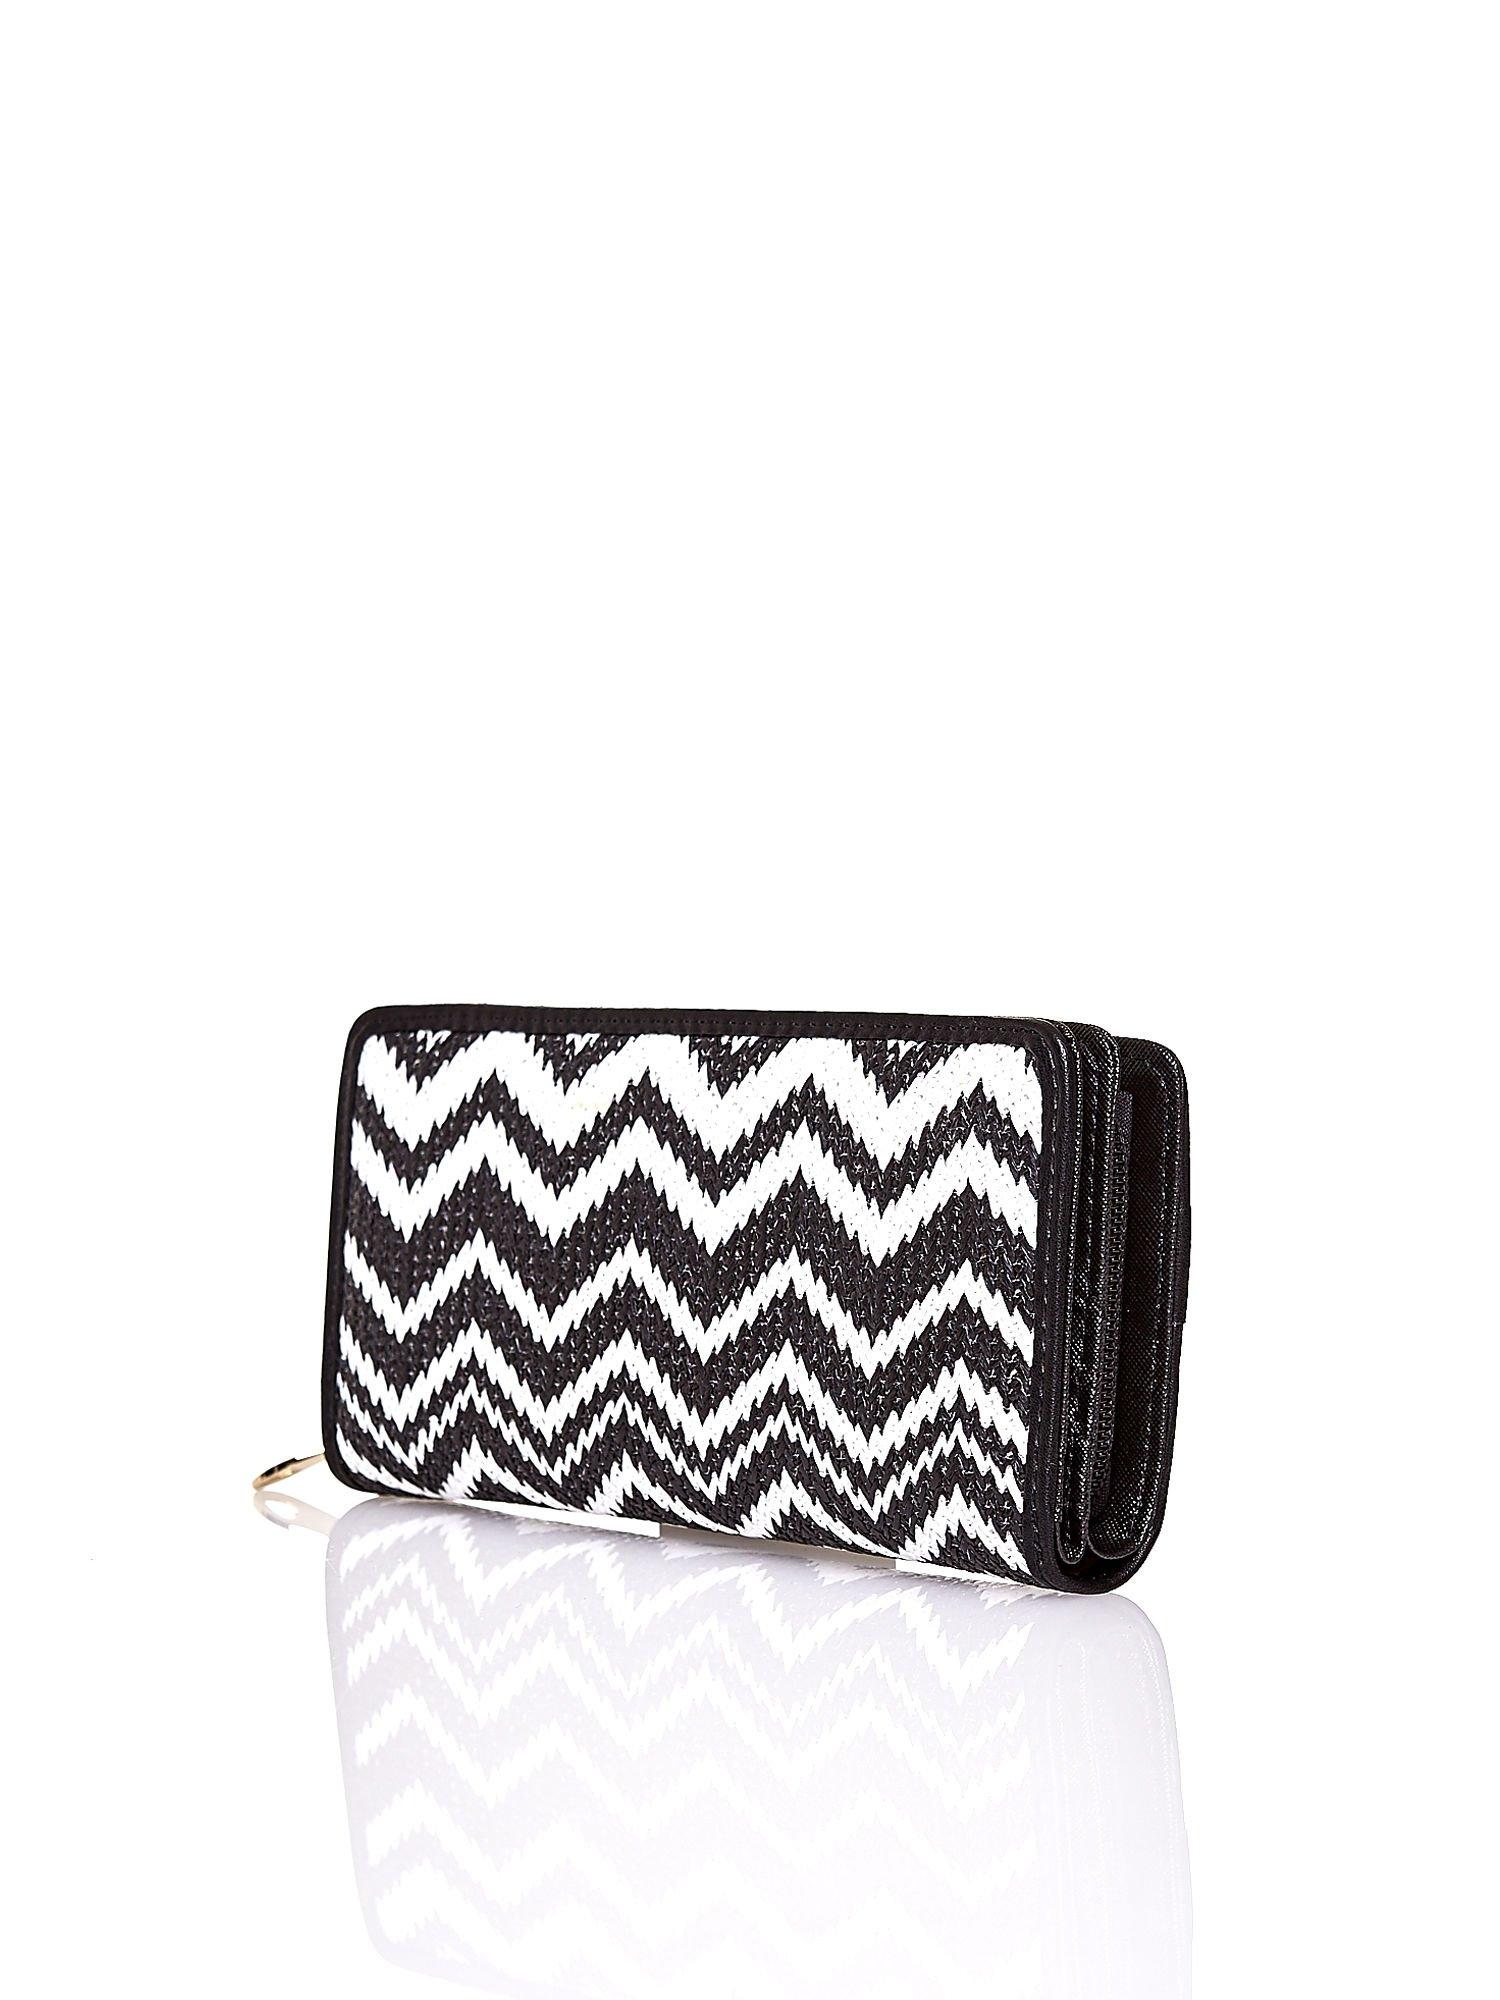 Czarny pleciony portfel w białe geometryczne wzory                                  zdj.                                  2